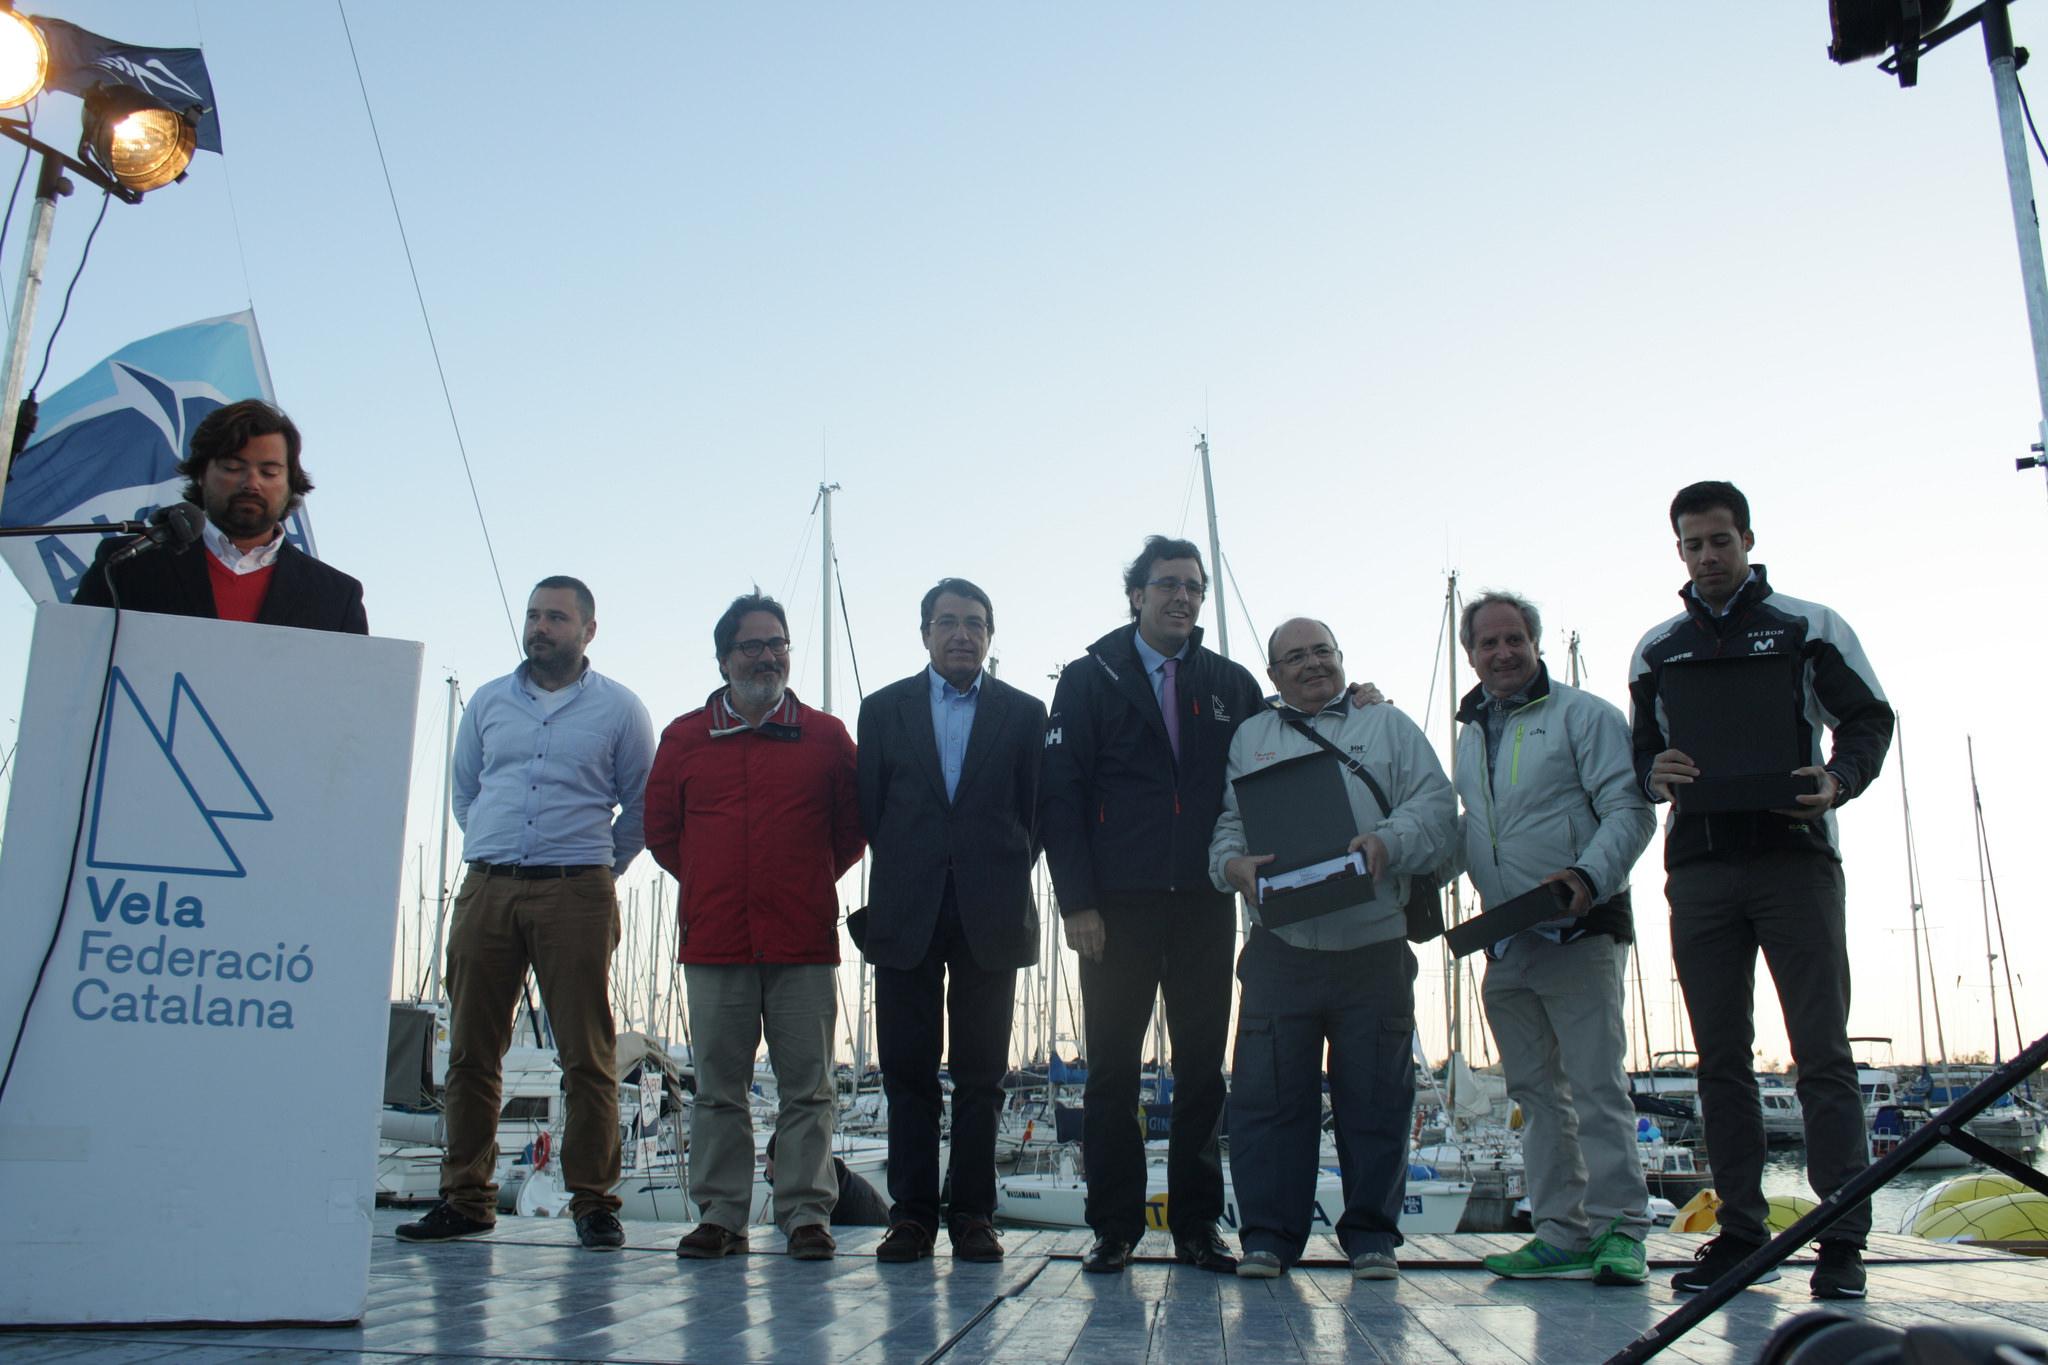 La Nit del Creuer 2016 es va celebrar a la Sailing Meeting de Port Ginesta. -Foto: © Federació Catalana de Vela.